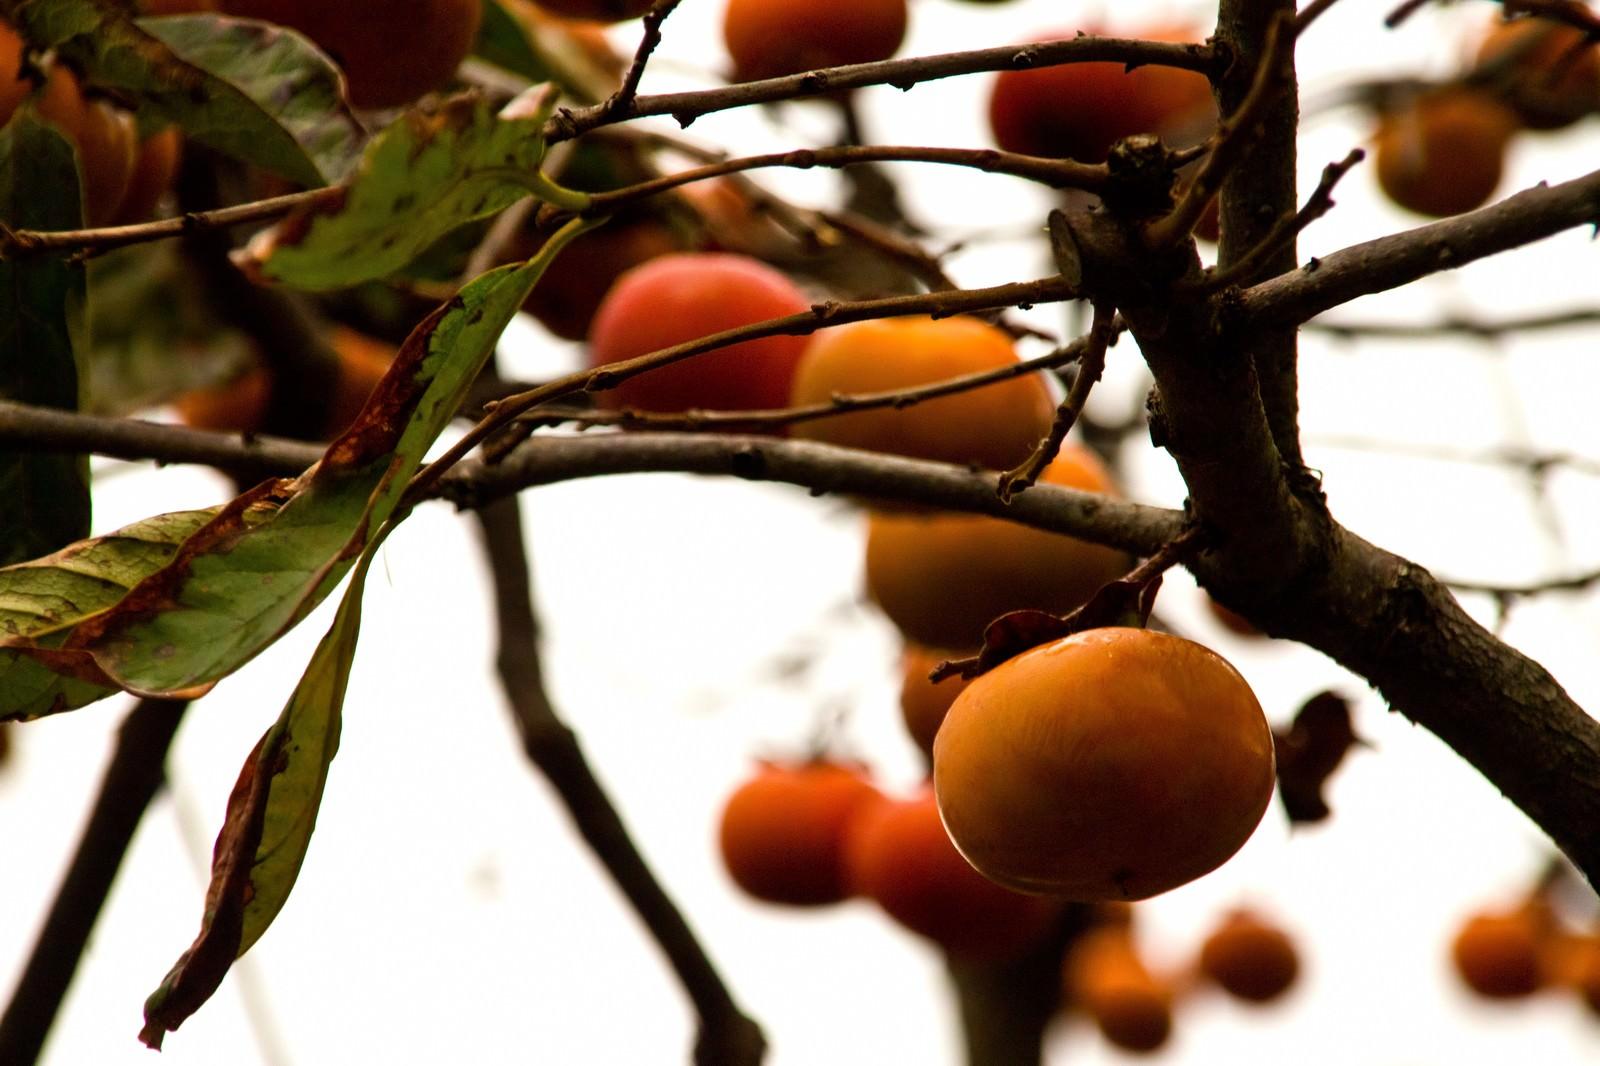 「実がなる柿の木」の写真